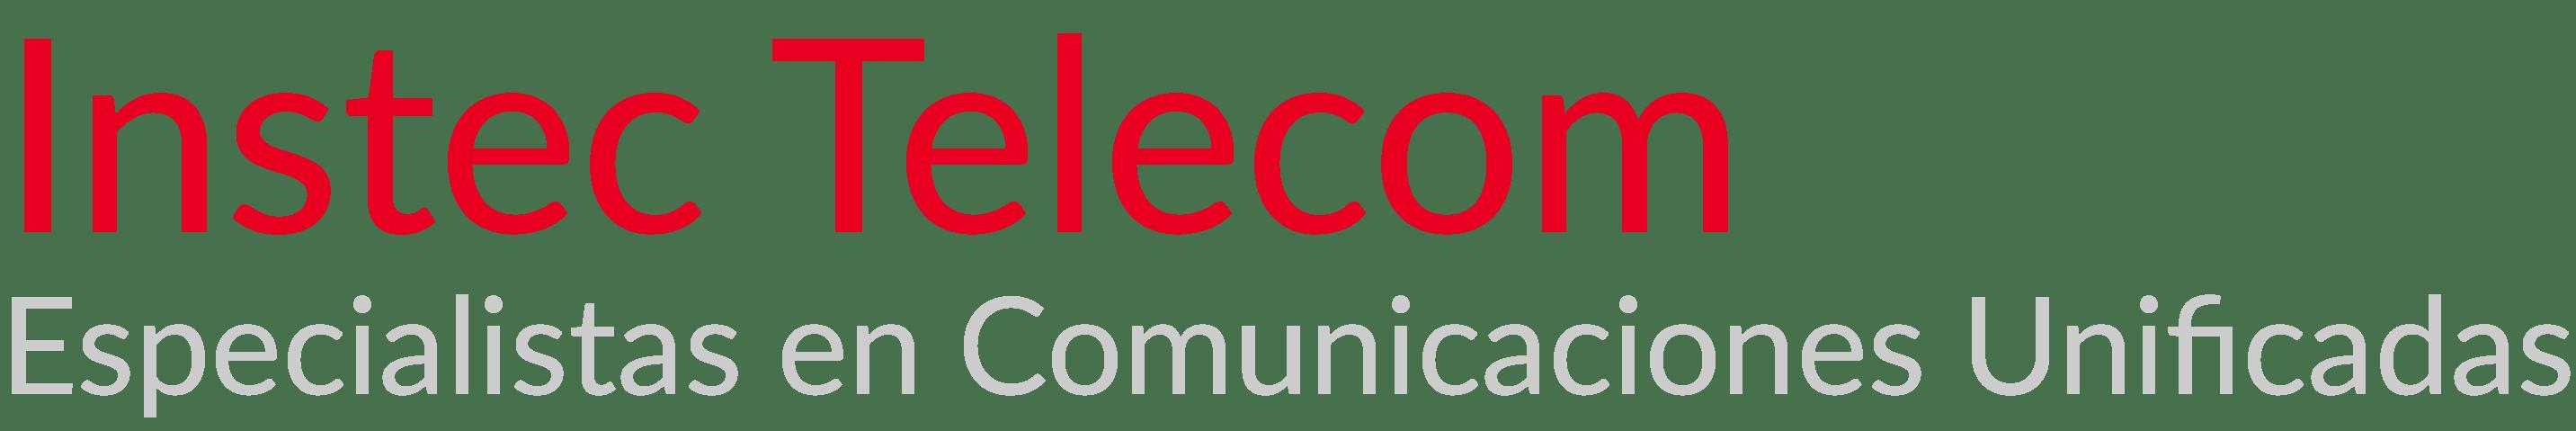 Instec Telecom